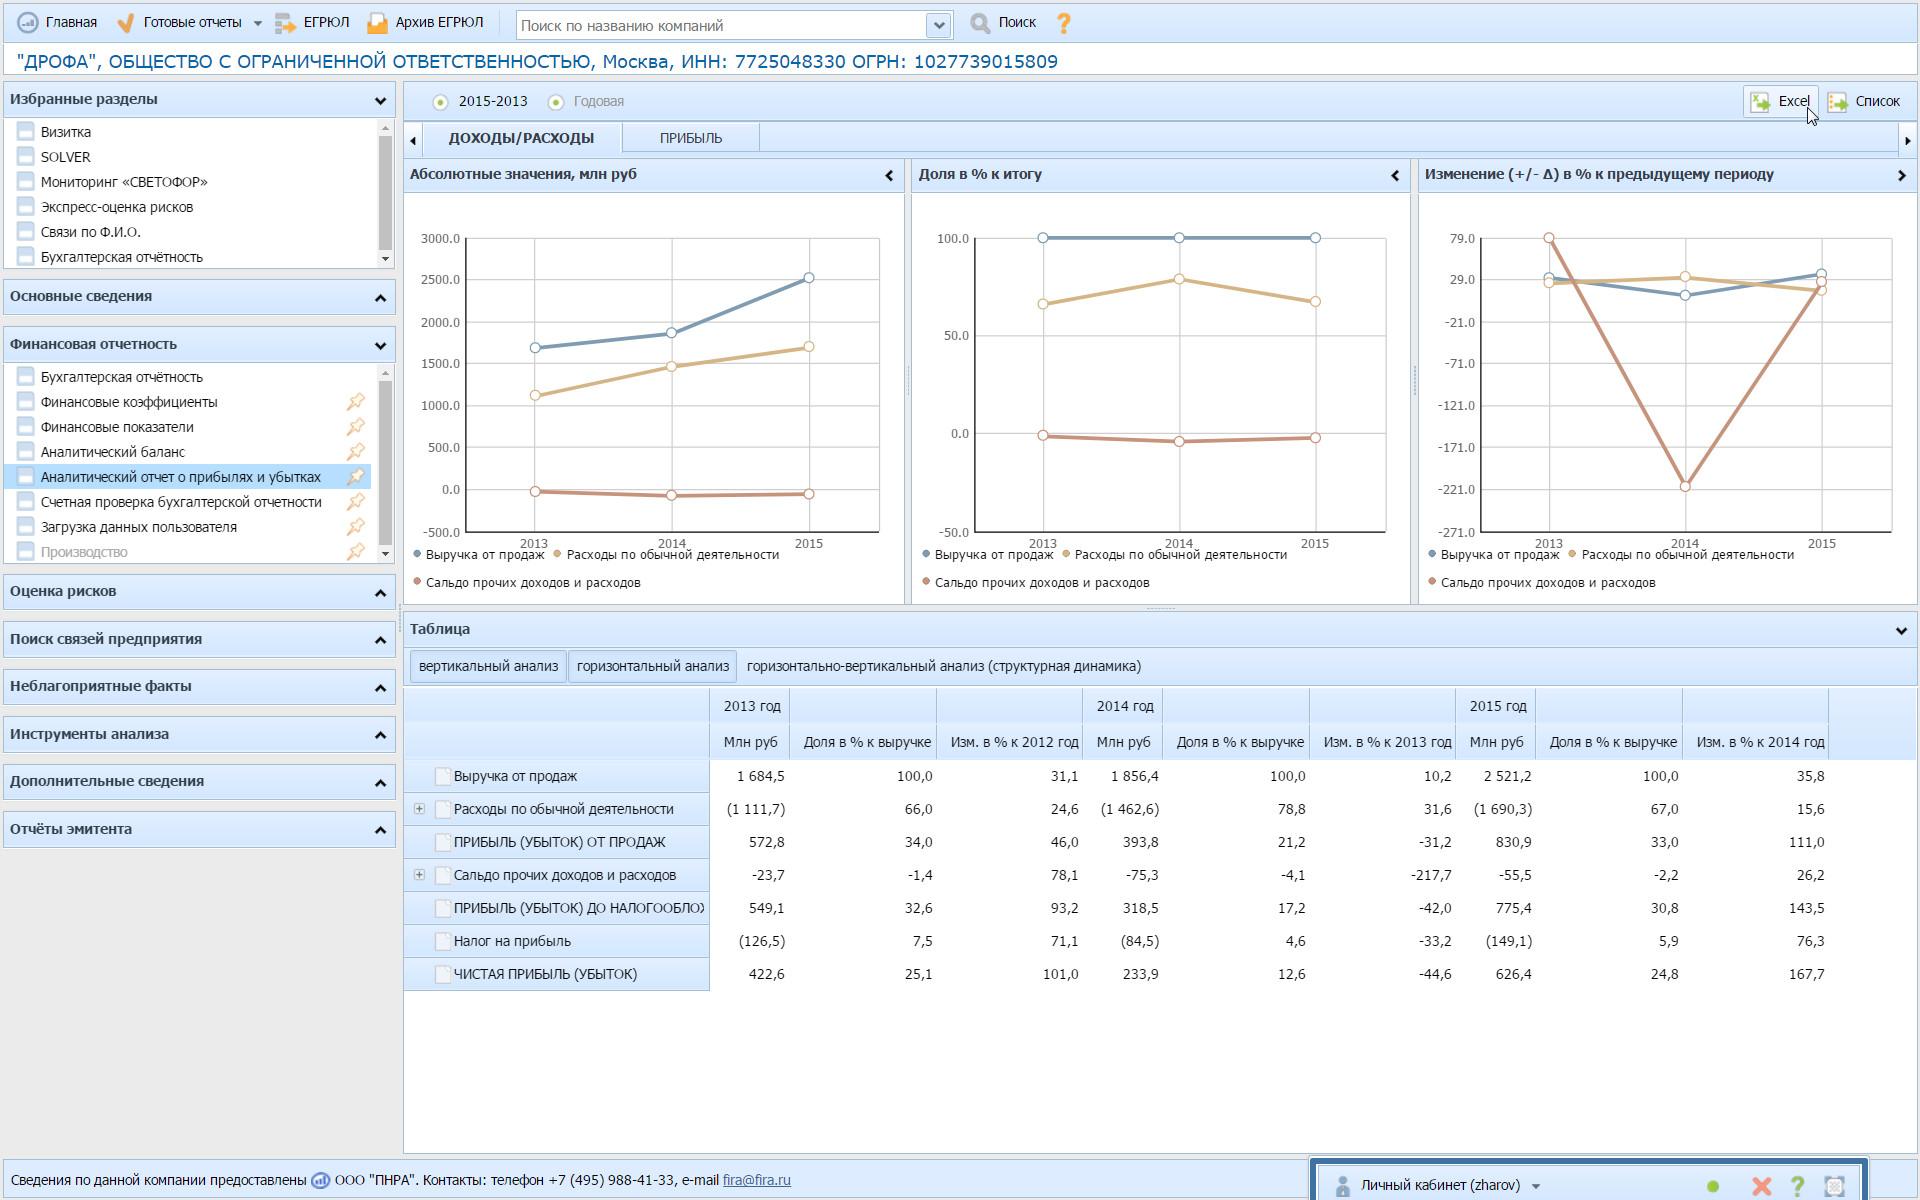 FIRA PRO: Аналитический отчет о прибылях и убытках